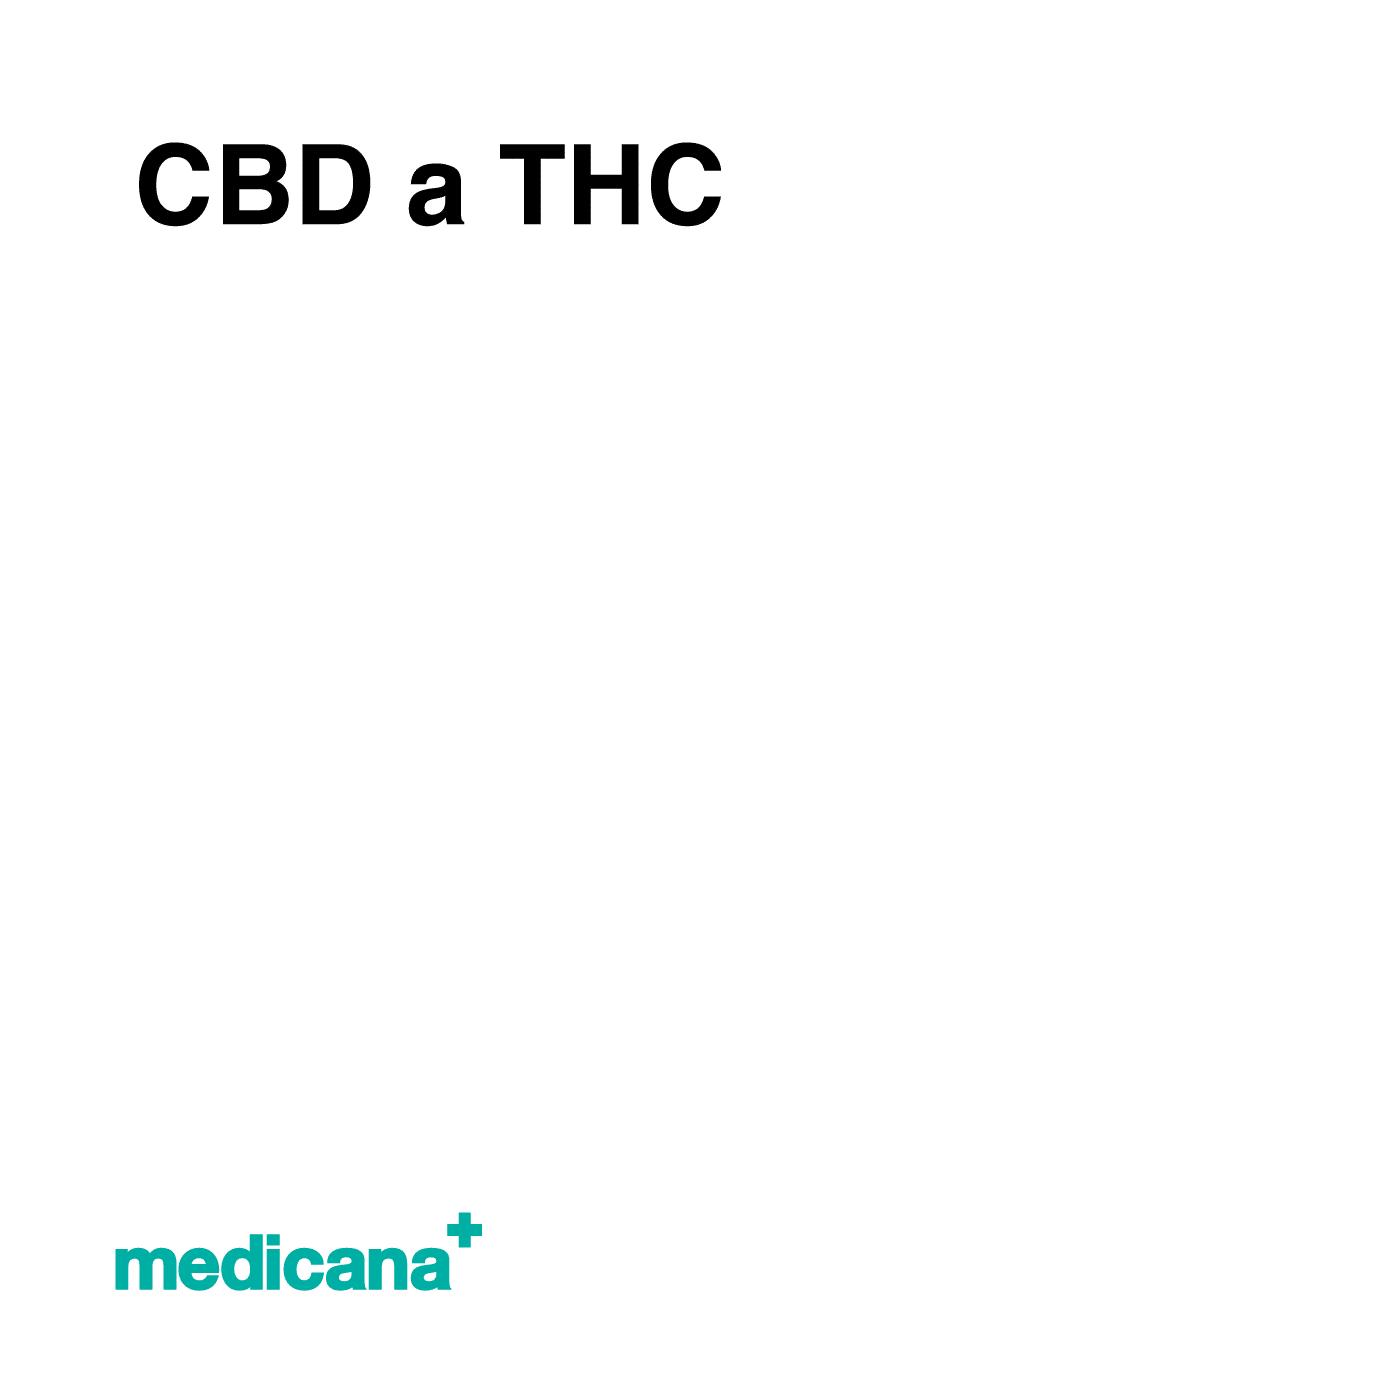 Grafika, białe tło z czarnym napisem CBD a THC oraz zielonym logo Medicana w lewym dolnym rogu.